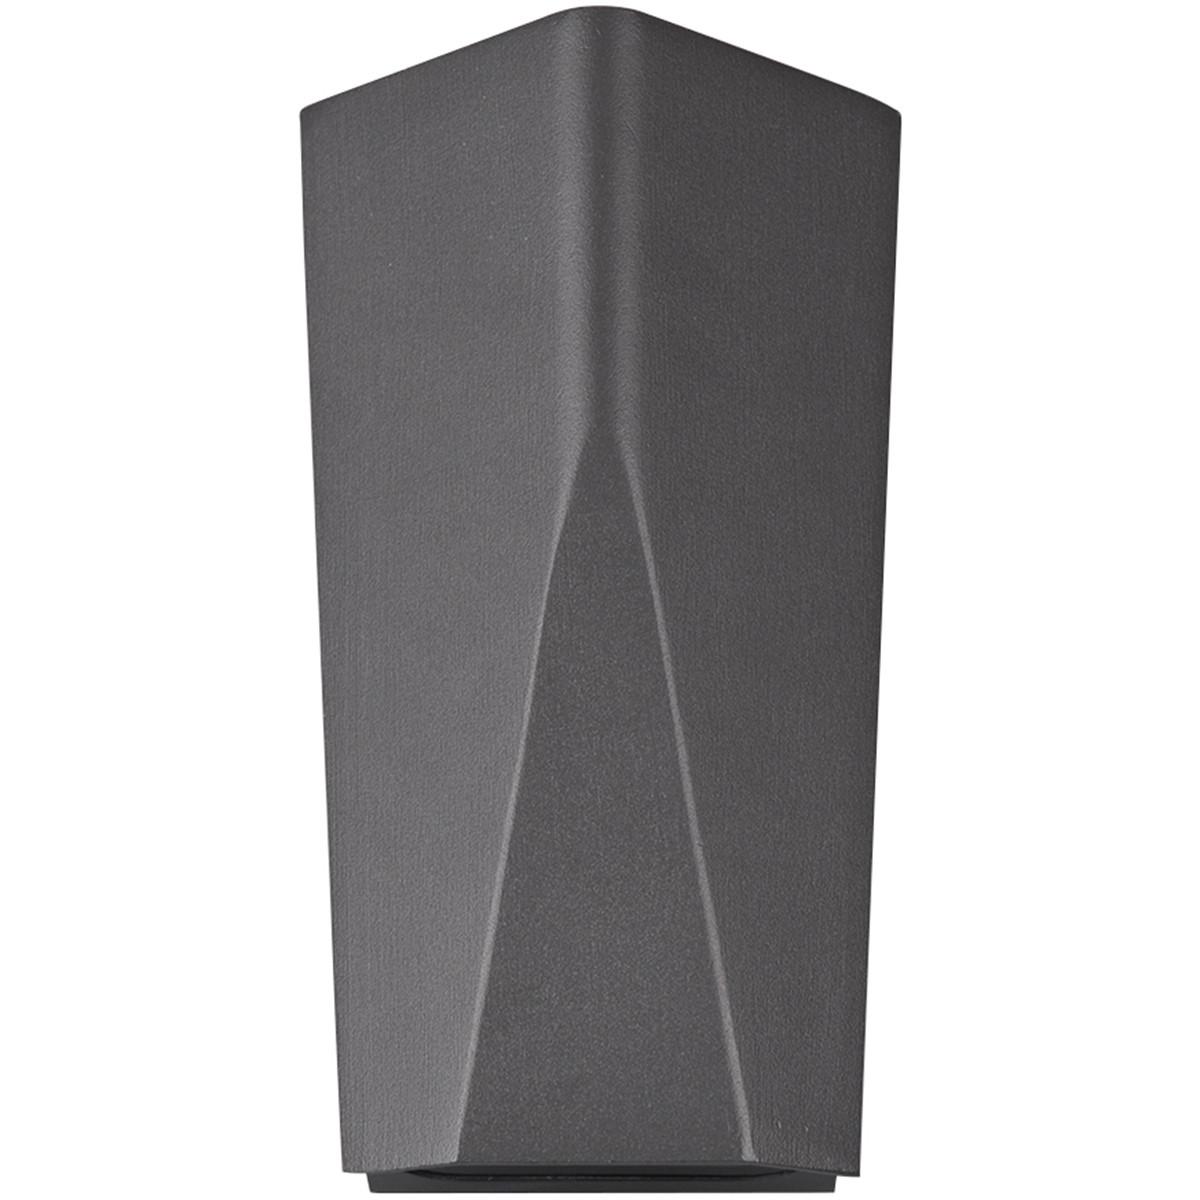 OSRAM - LED Tuinverlichting - Tuinlamp - Trion Tonay - Wand - 8W - Mat Zwart - Aluminium